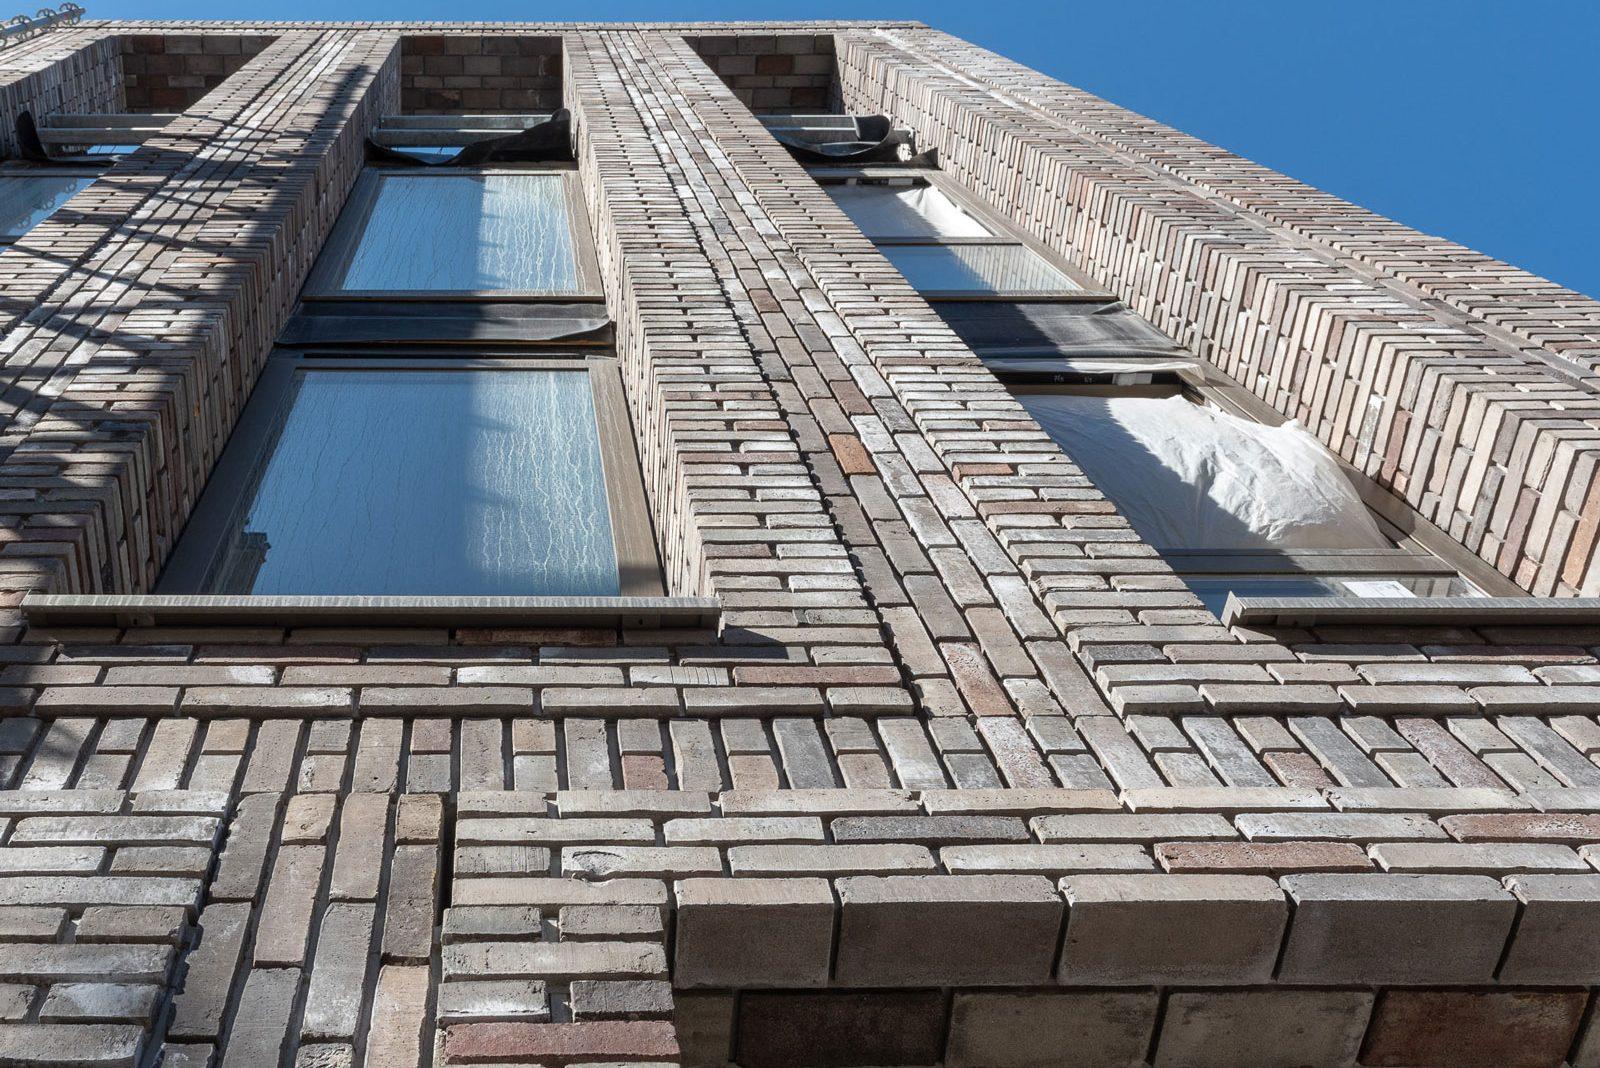 Een gebouw van onderen gezien, met uitsteken metselwerk en terugliggende stenen in lichte kleur